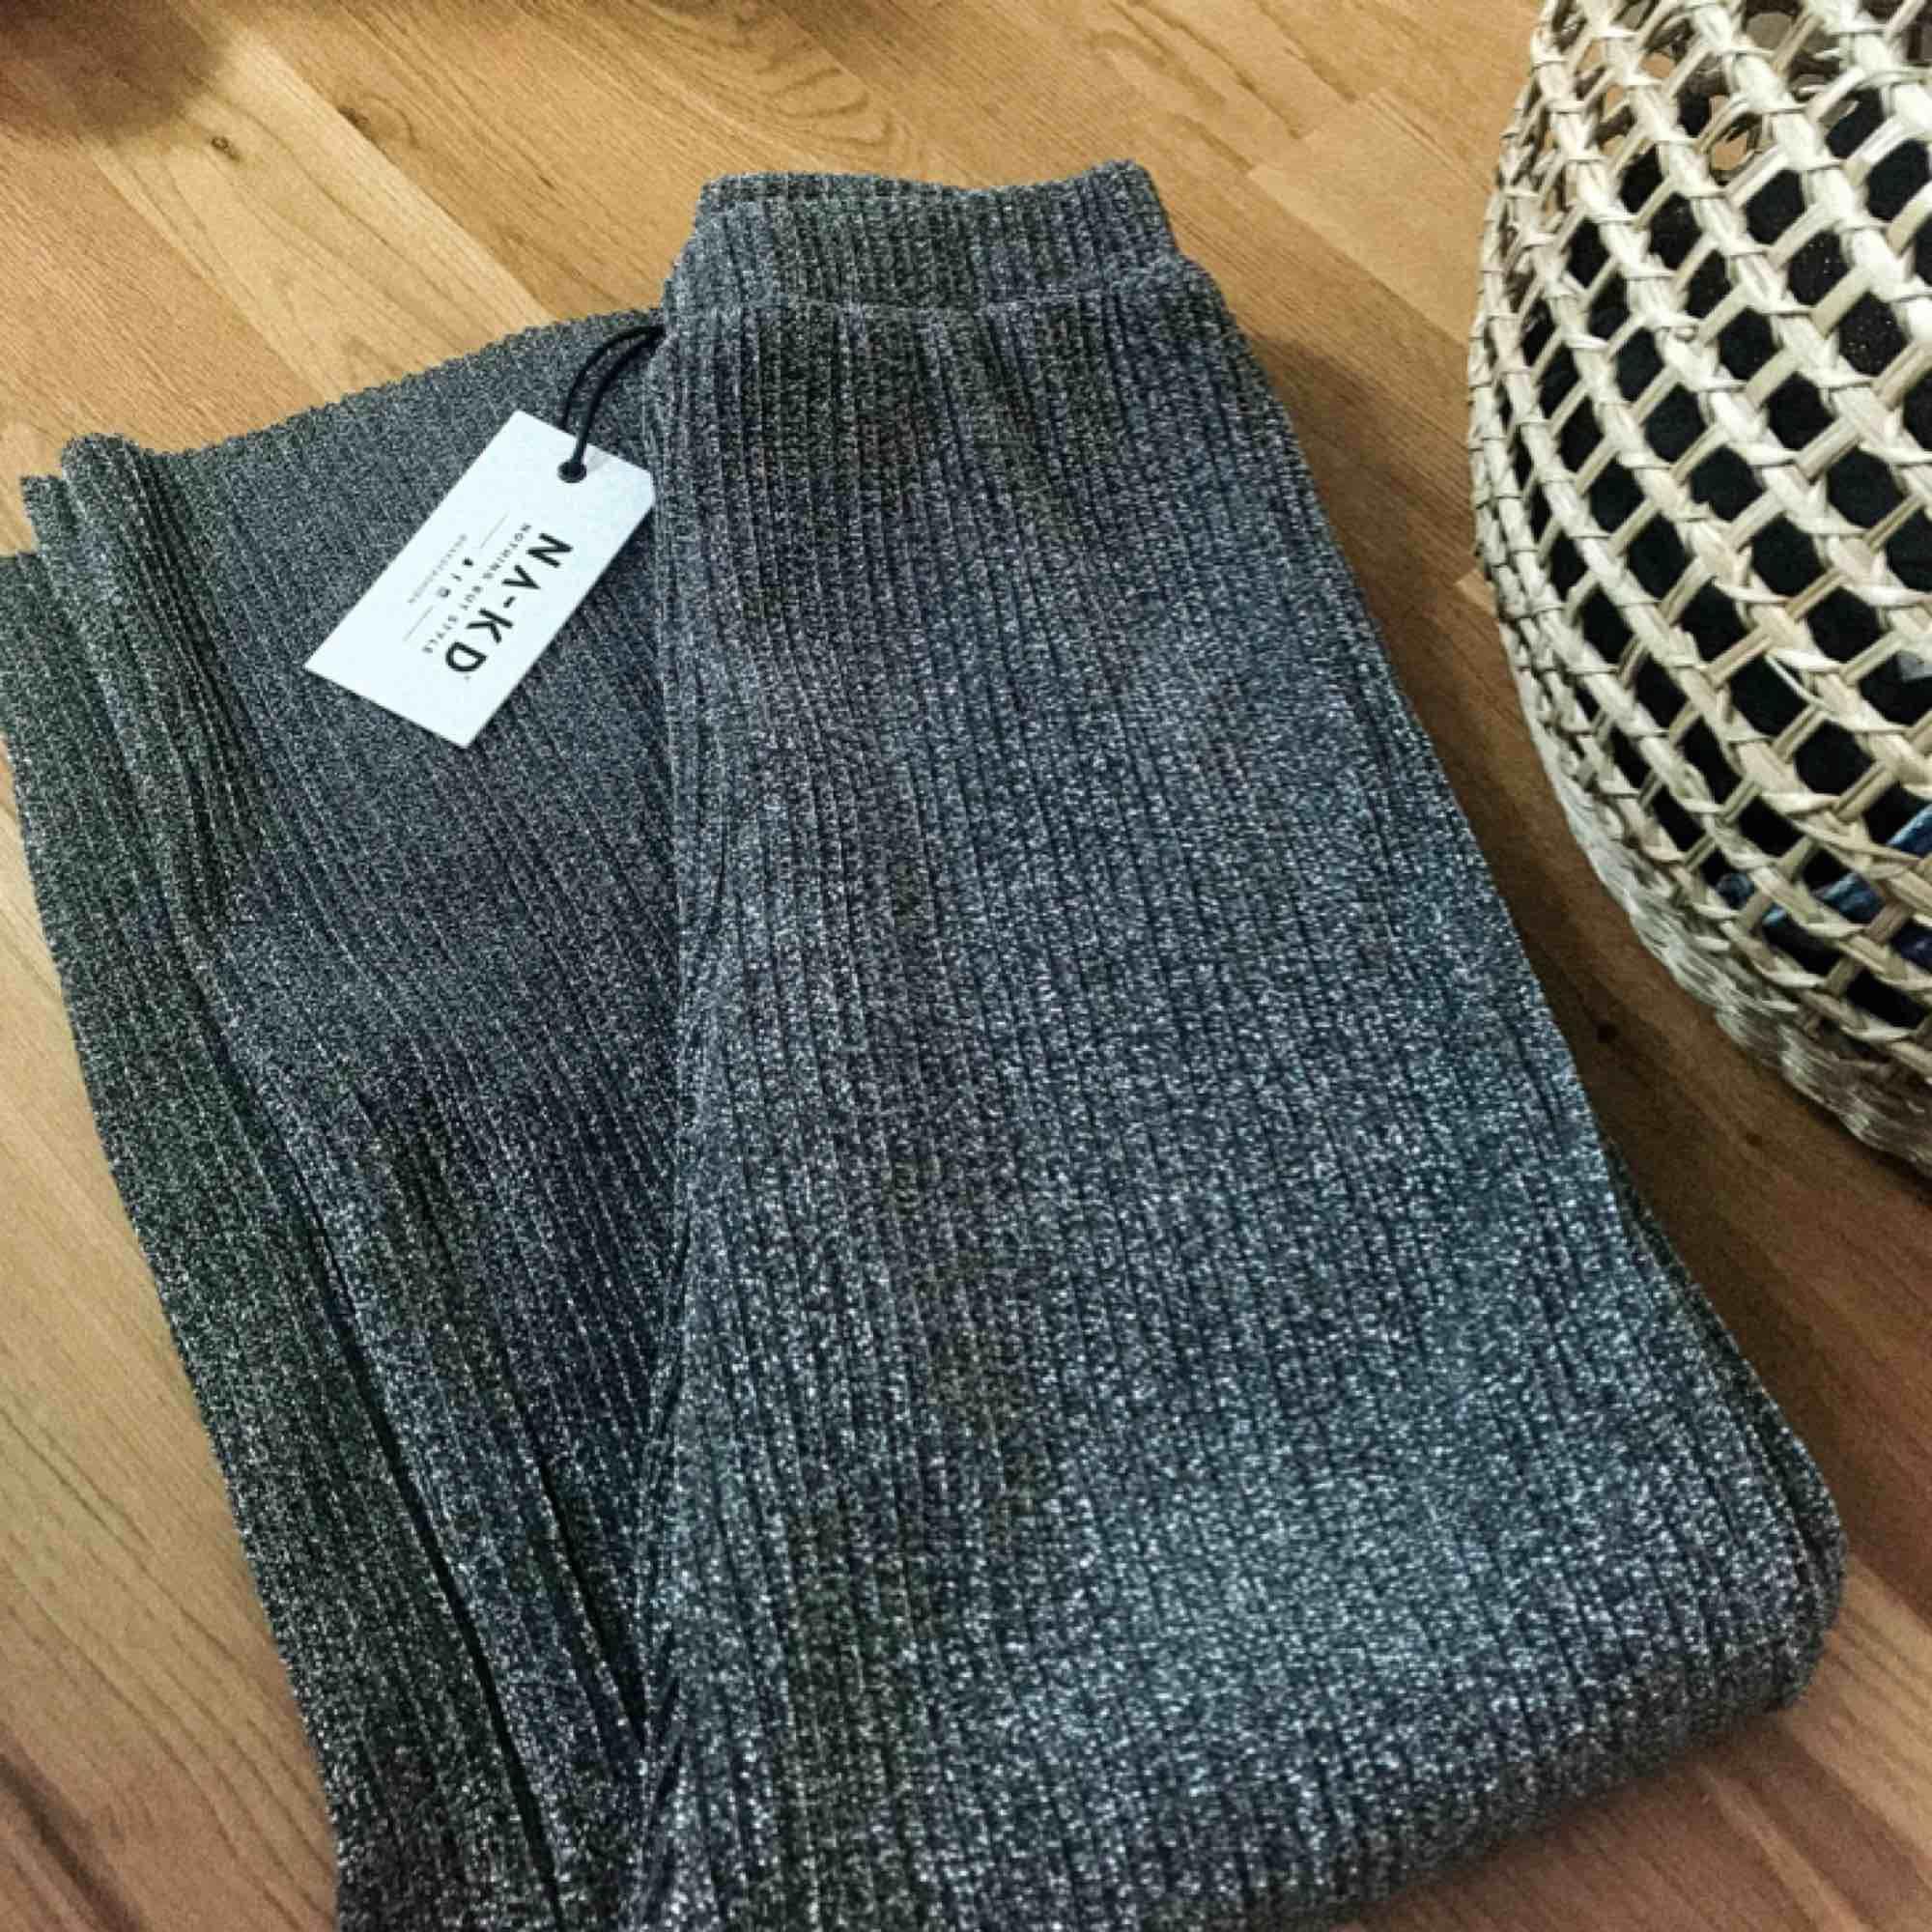 Säljer ett par helt oanvända byxor ifrån NA-KD i stilen 'Glittery Pleated Culottes' med etiketter kvar. Har aldrig fått användning för dem då det inte är min stil. Fler bilder kan skickas vid förfrågan!. Jeans & Byxor.